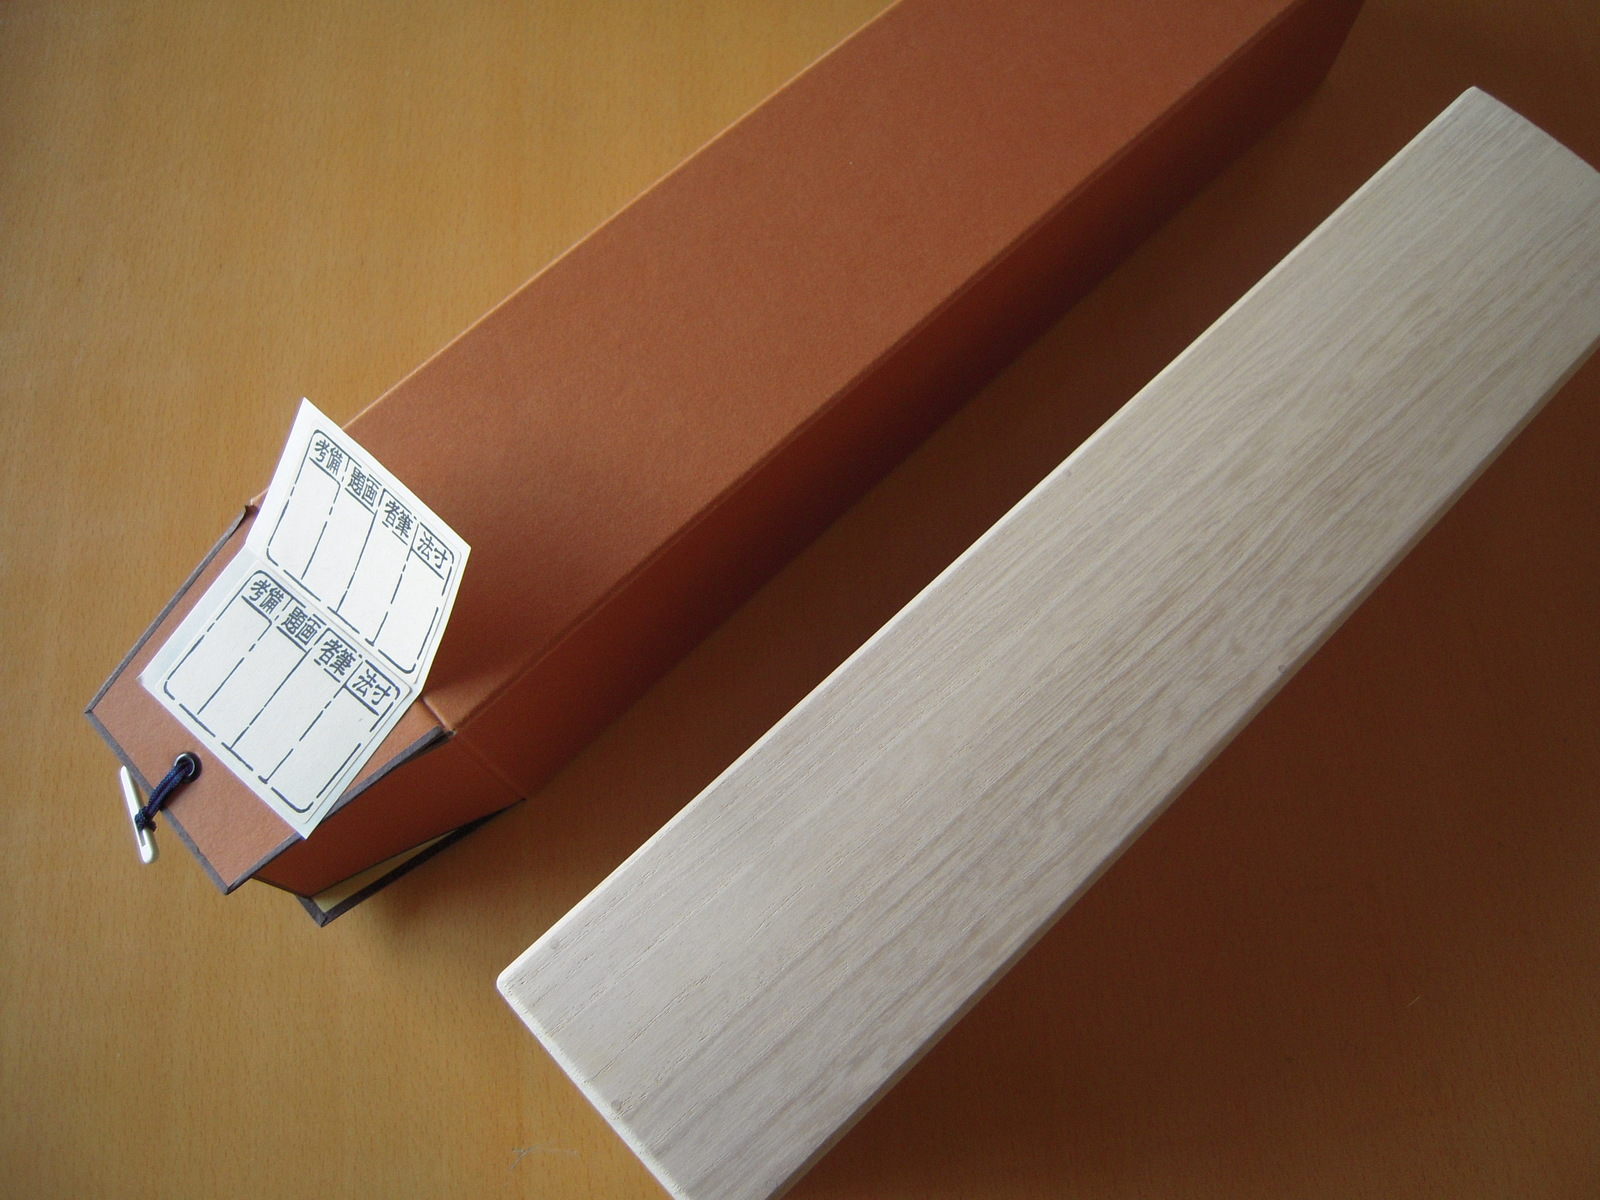 掛け軸箱 1尺4寸 D お気にいる 424 W 57 H 62 140 新作販売 単品 国産 虫除け タトウ紙 インテリア 伝統工芸 賞状 桐製 シール 手作り 収納 軸箱